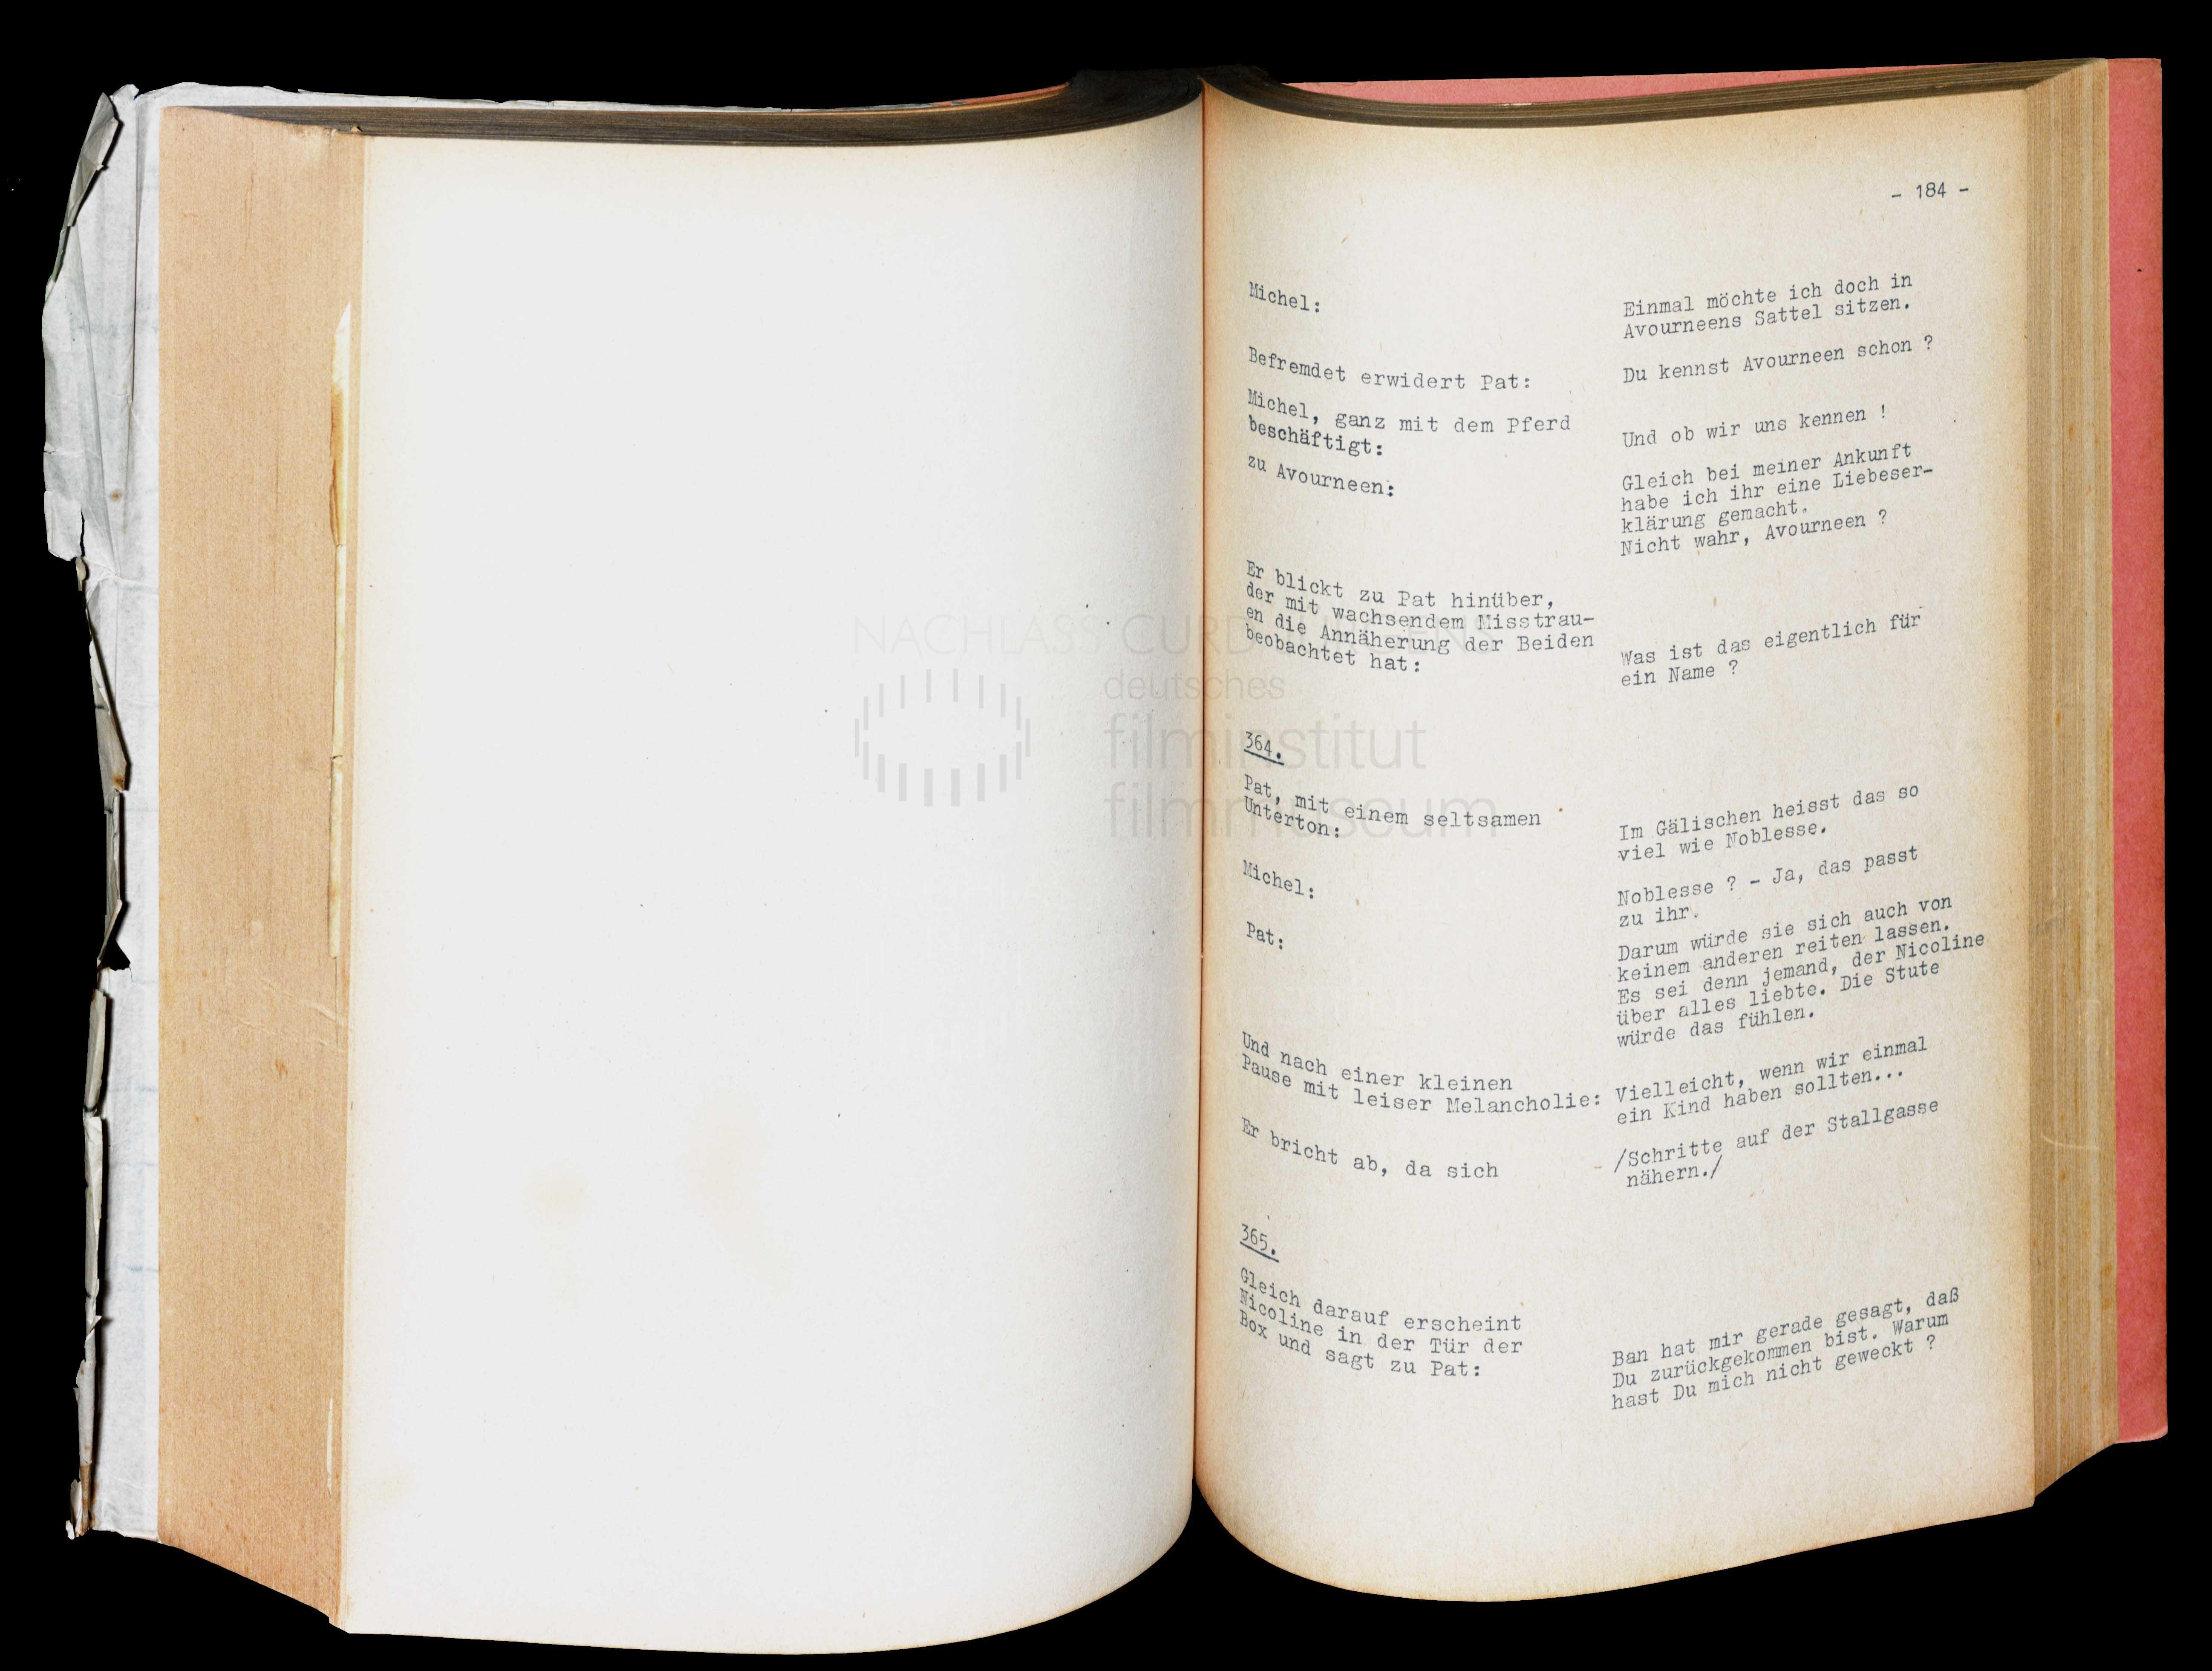 MEINES VATERS PFERDE (1953) Drehbuch (Auszug) 2